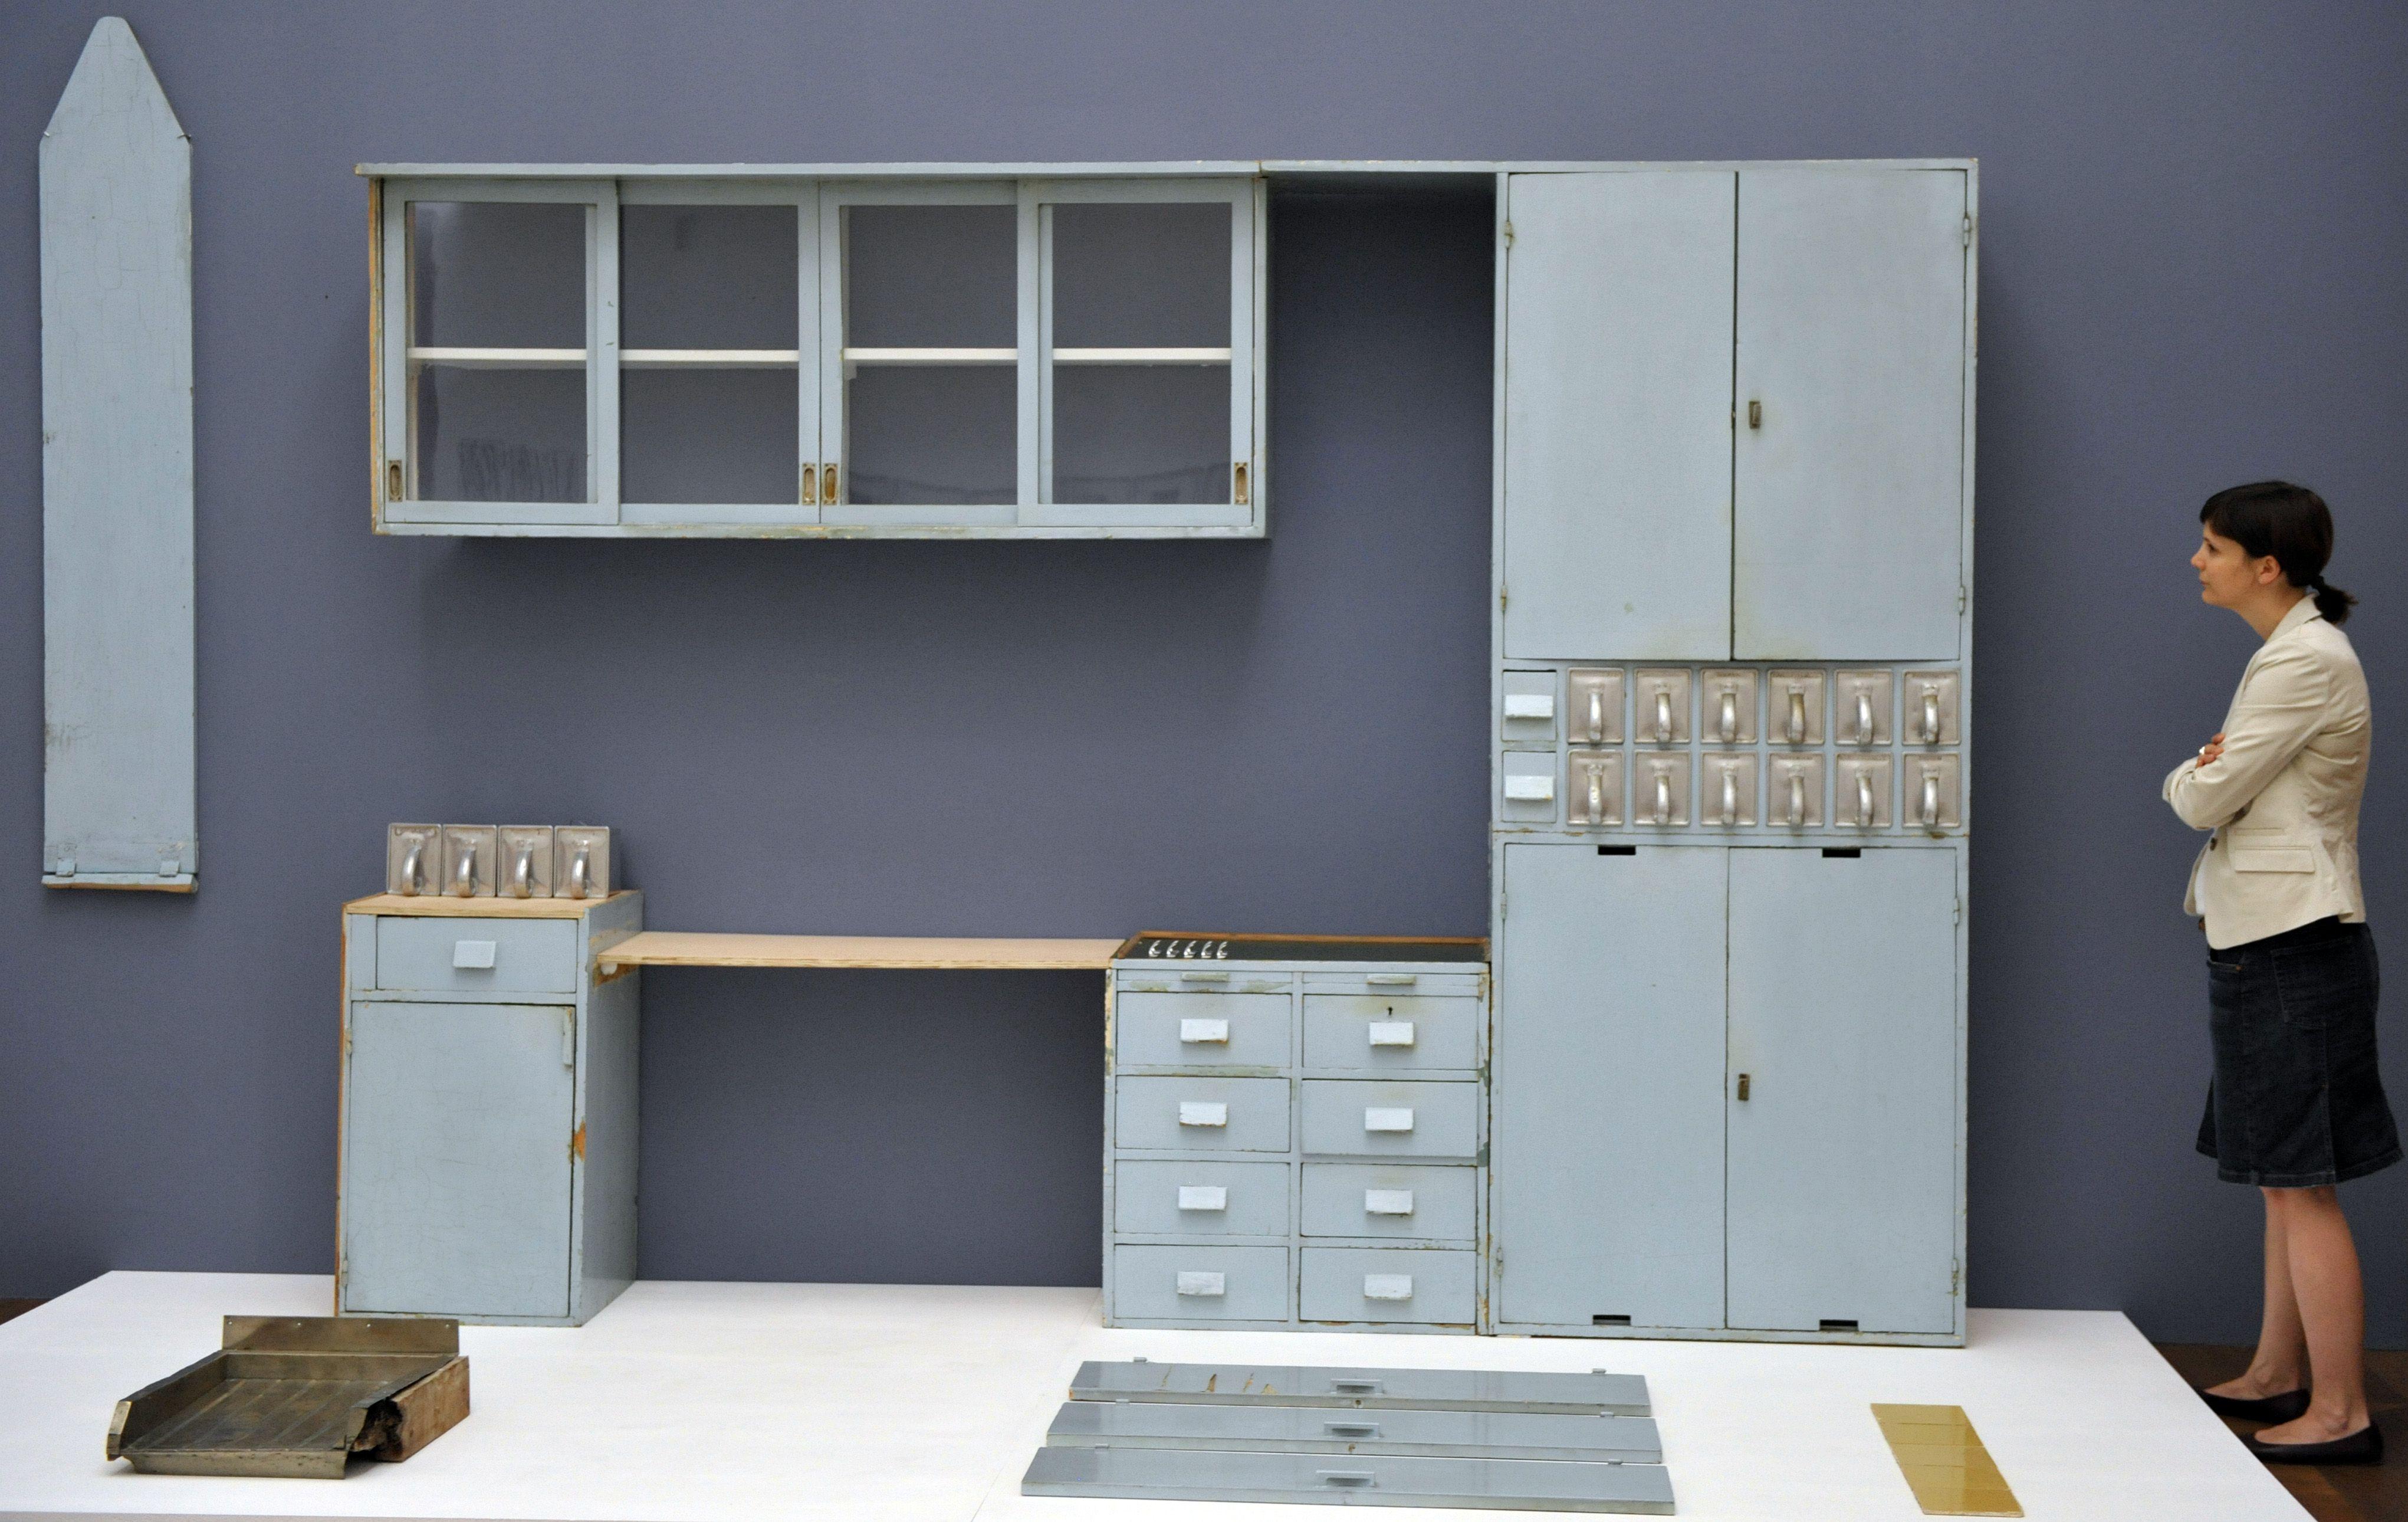 frankfurter k che aus den 1930er jahren bauhaus architektur und design pinterest. Black Bedroom Furniture Sets. Home Design Ideas